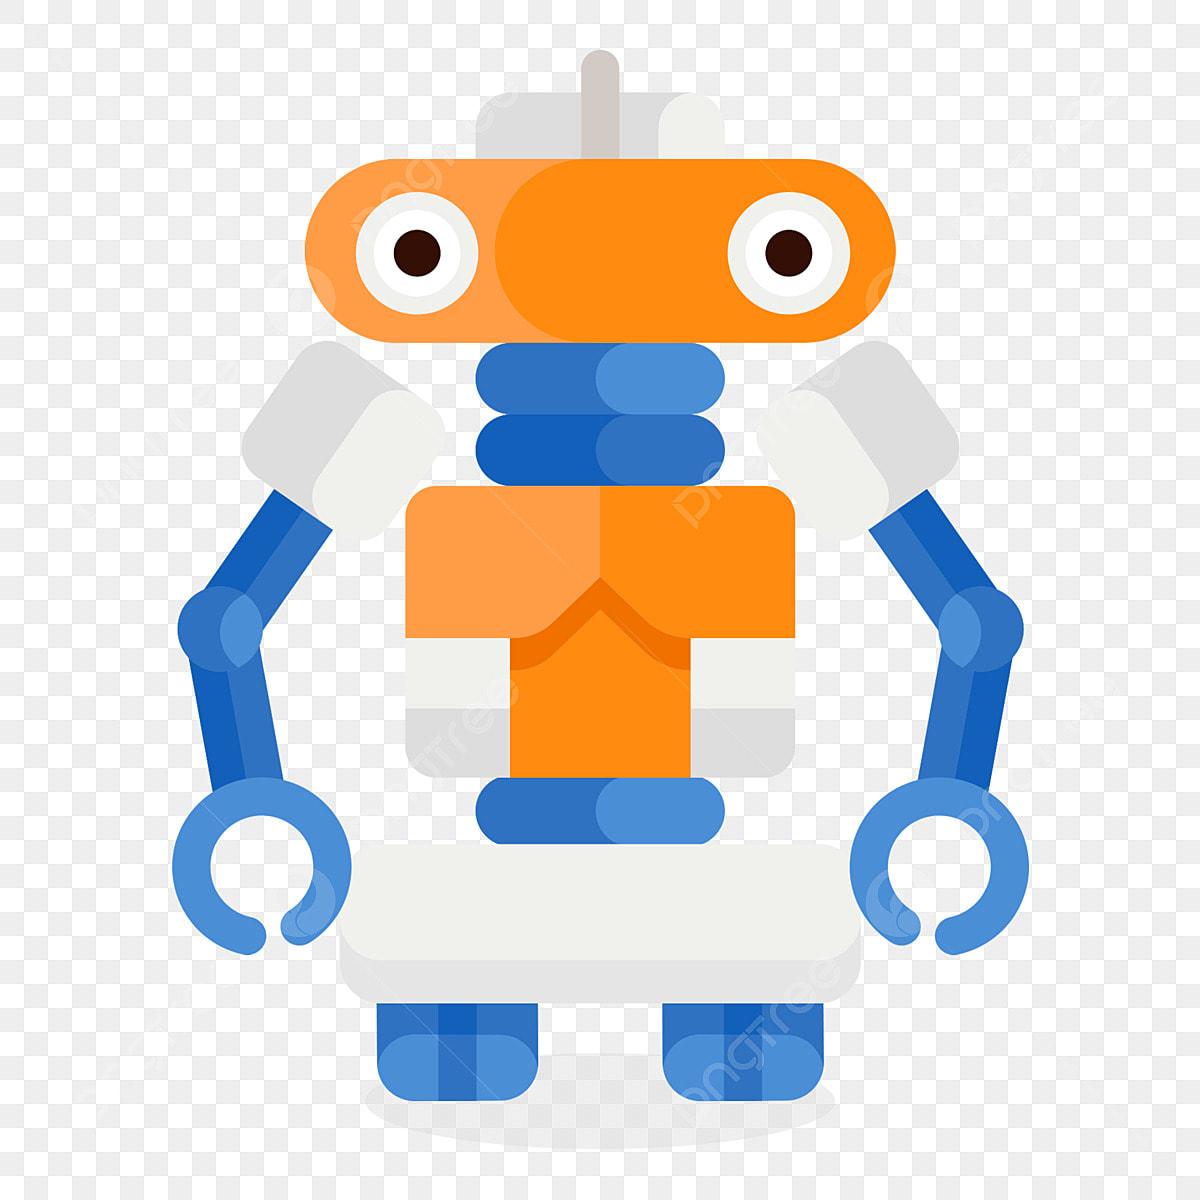 Estrangeiro Tecnologia Robo Inteligencia Artificial Robo Desenho